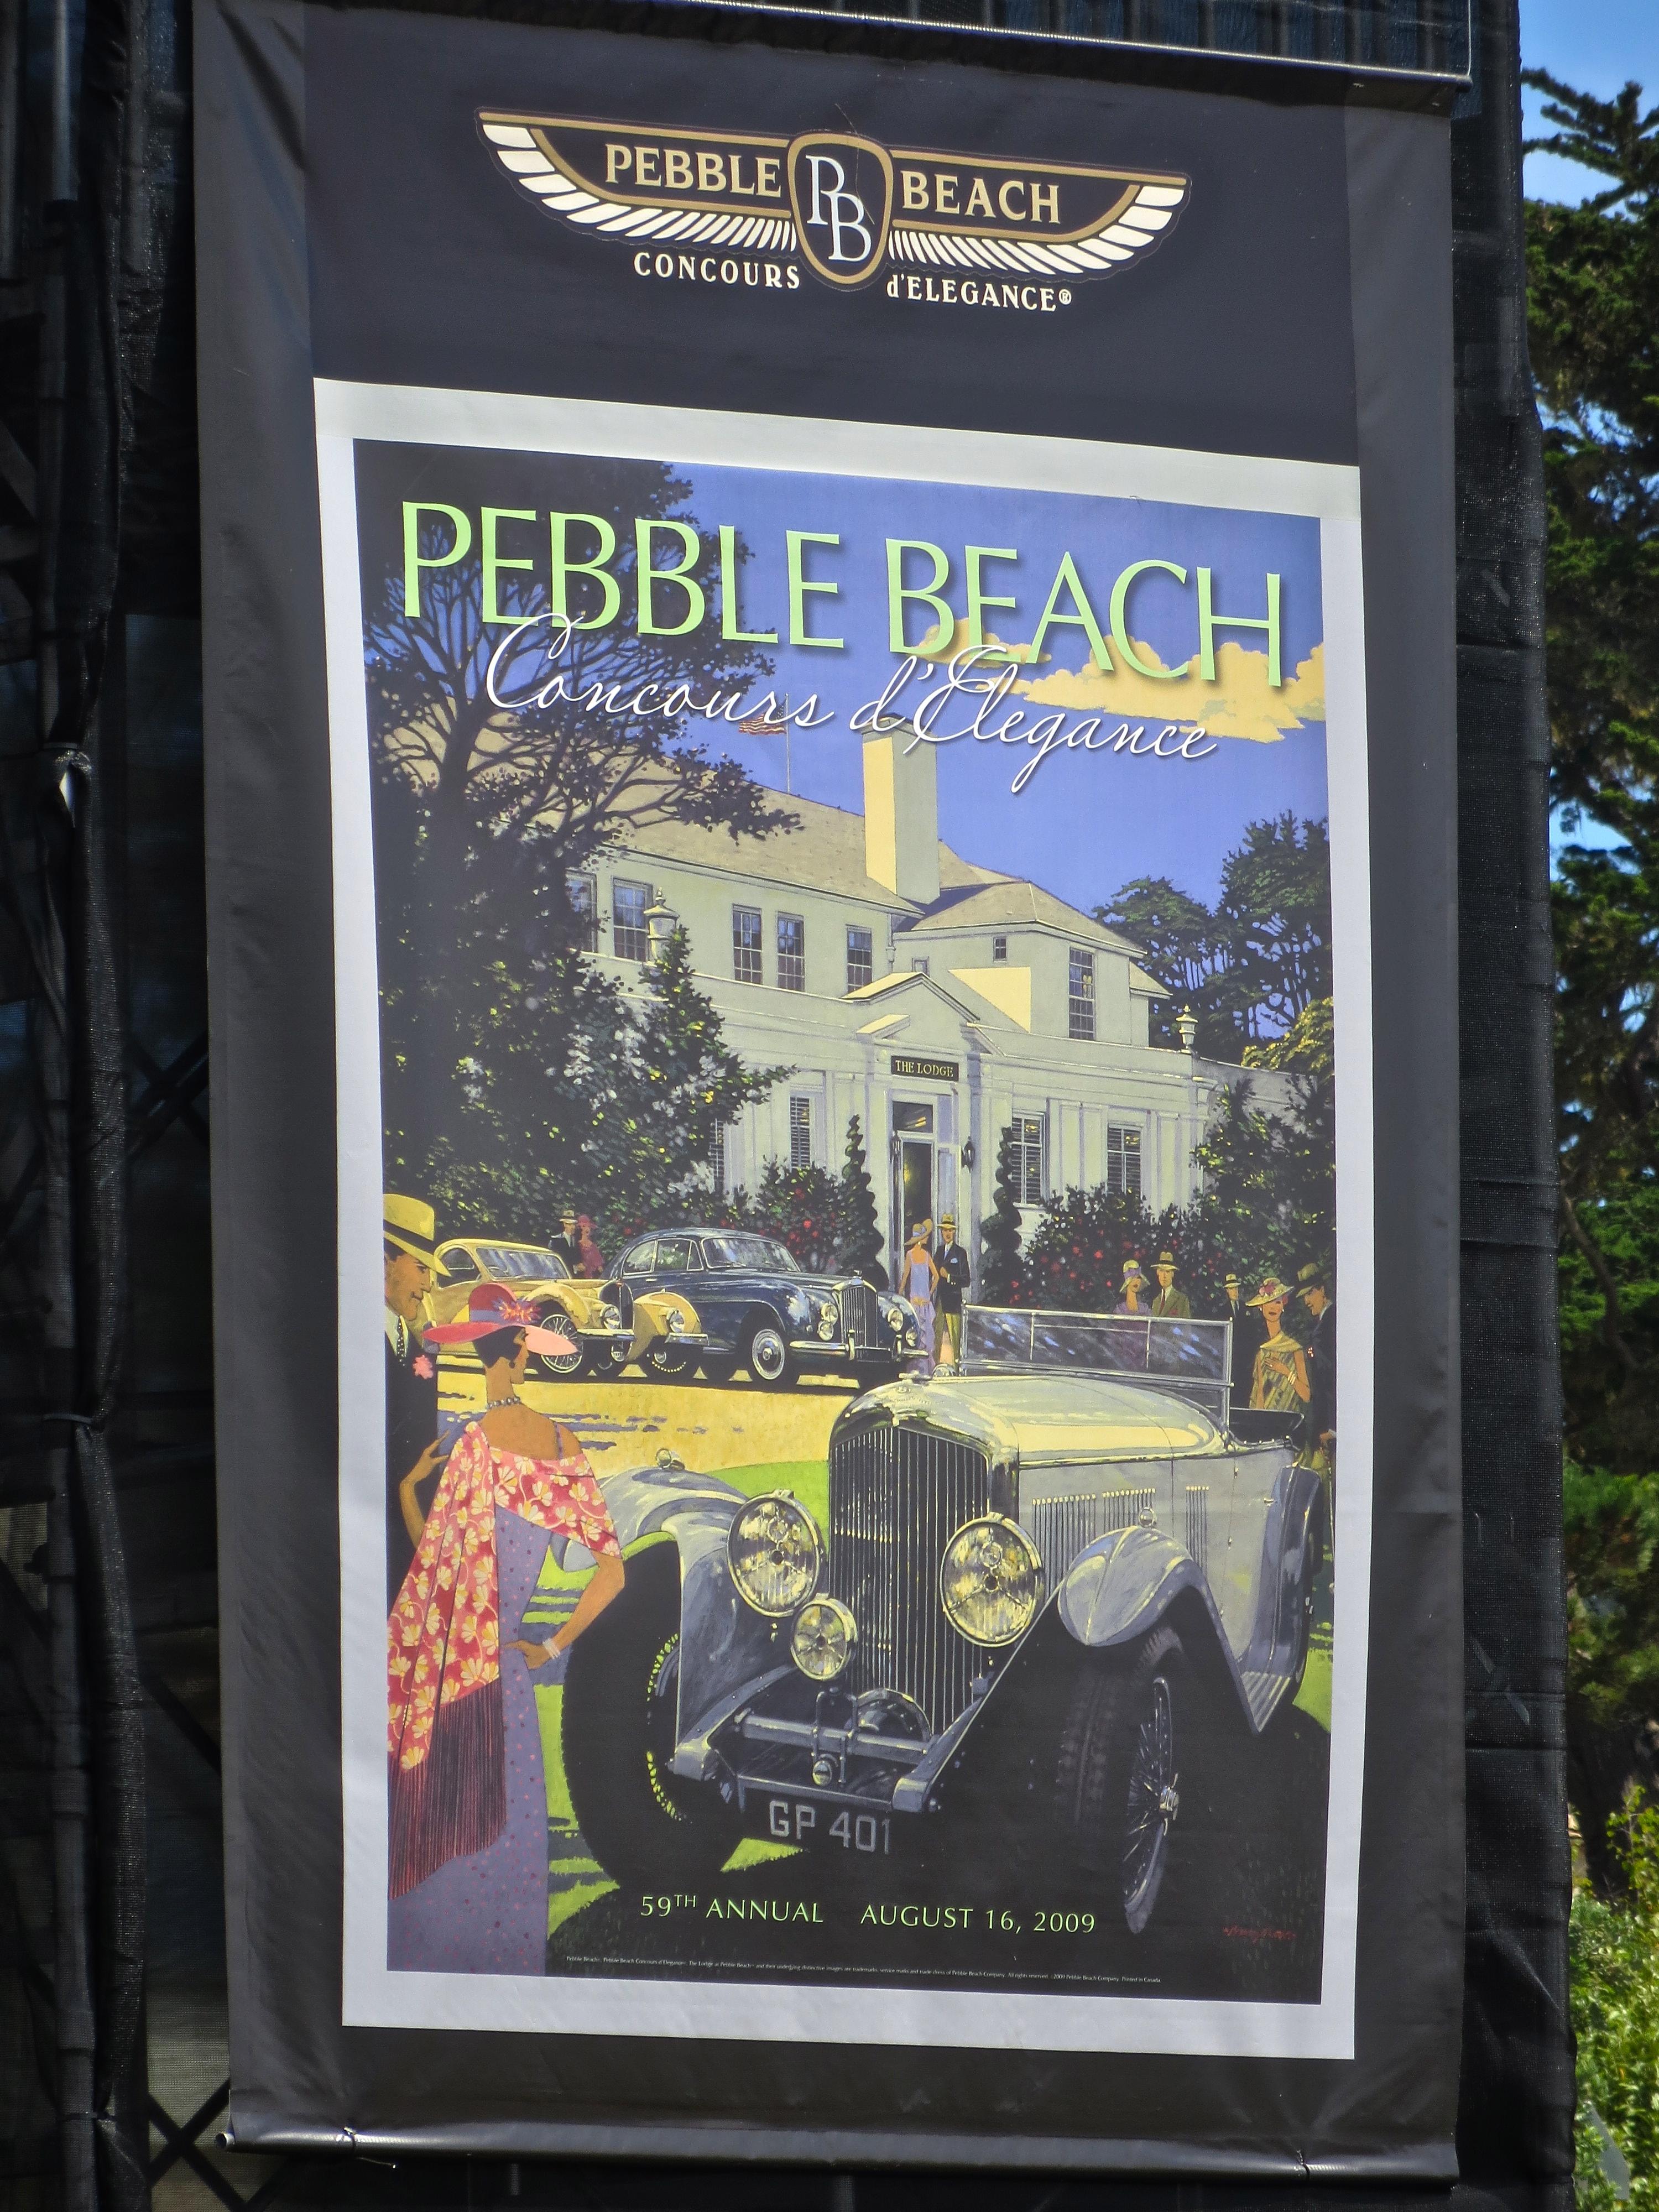 Pebble Beach Concours d'Elegance 2013